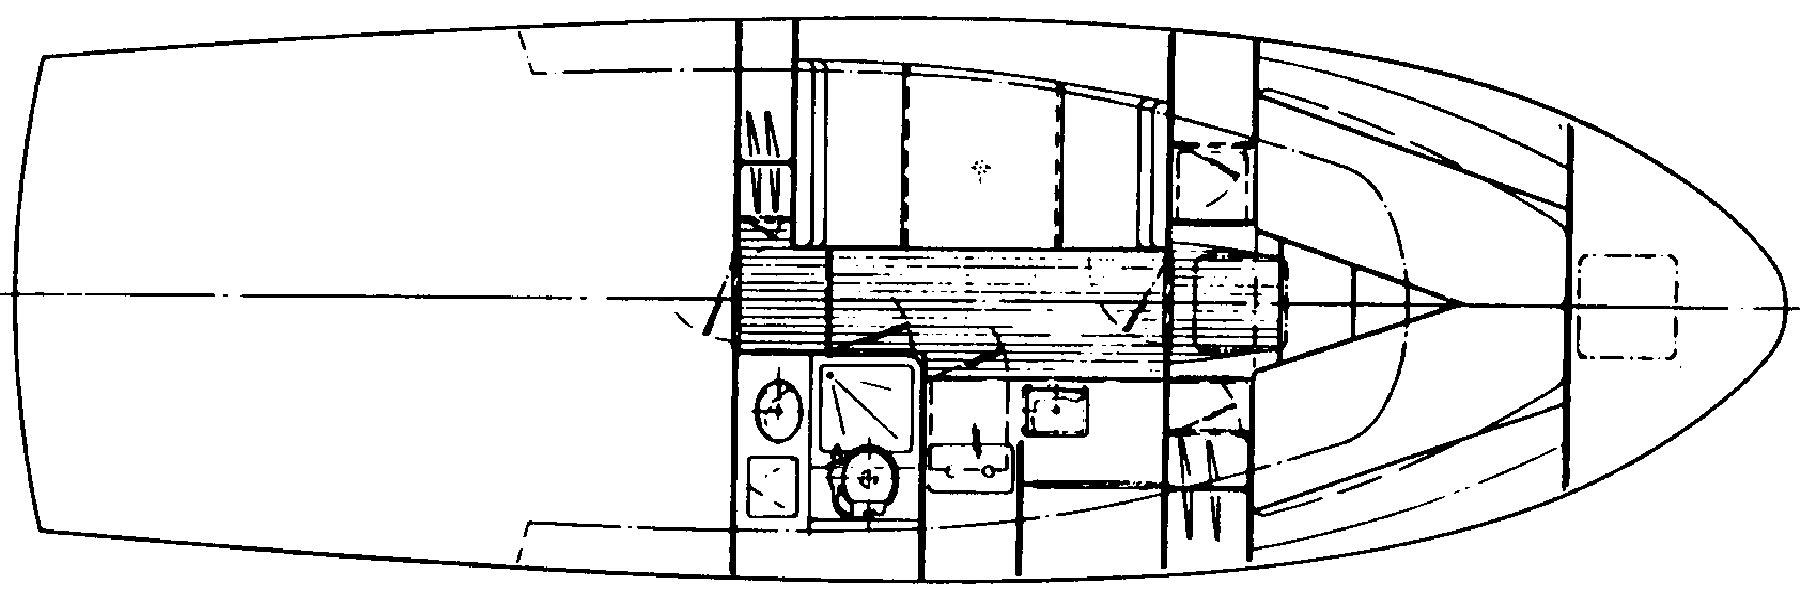 Black Watch 36 Flybridge Floor Plan 2